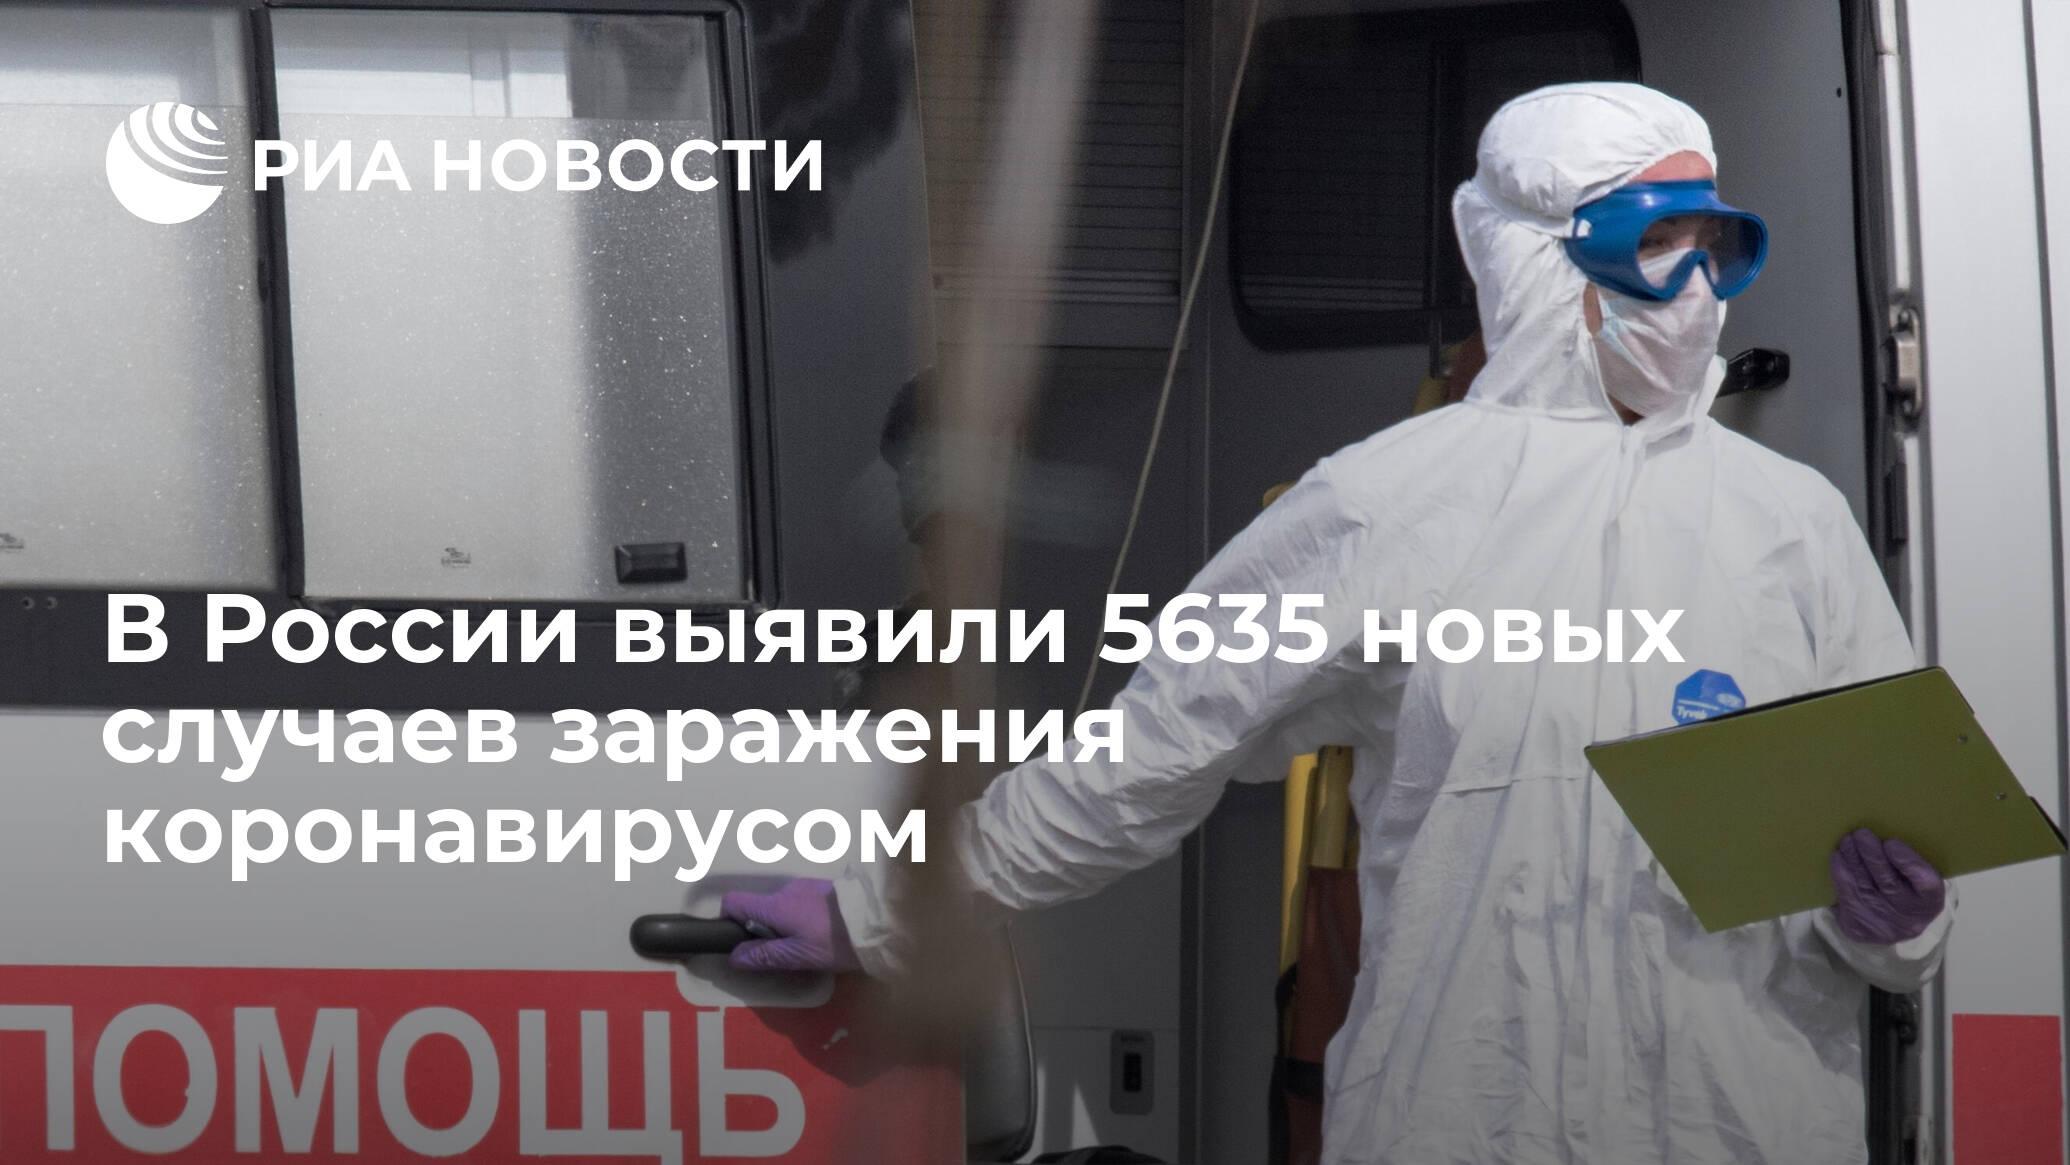 В России выявили 5635 новых случаев заражения коронавирусом